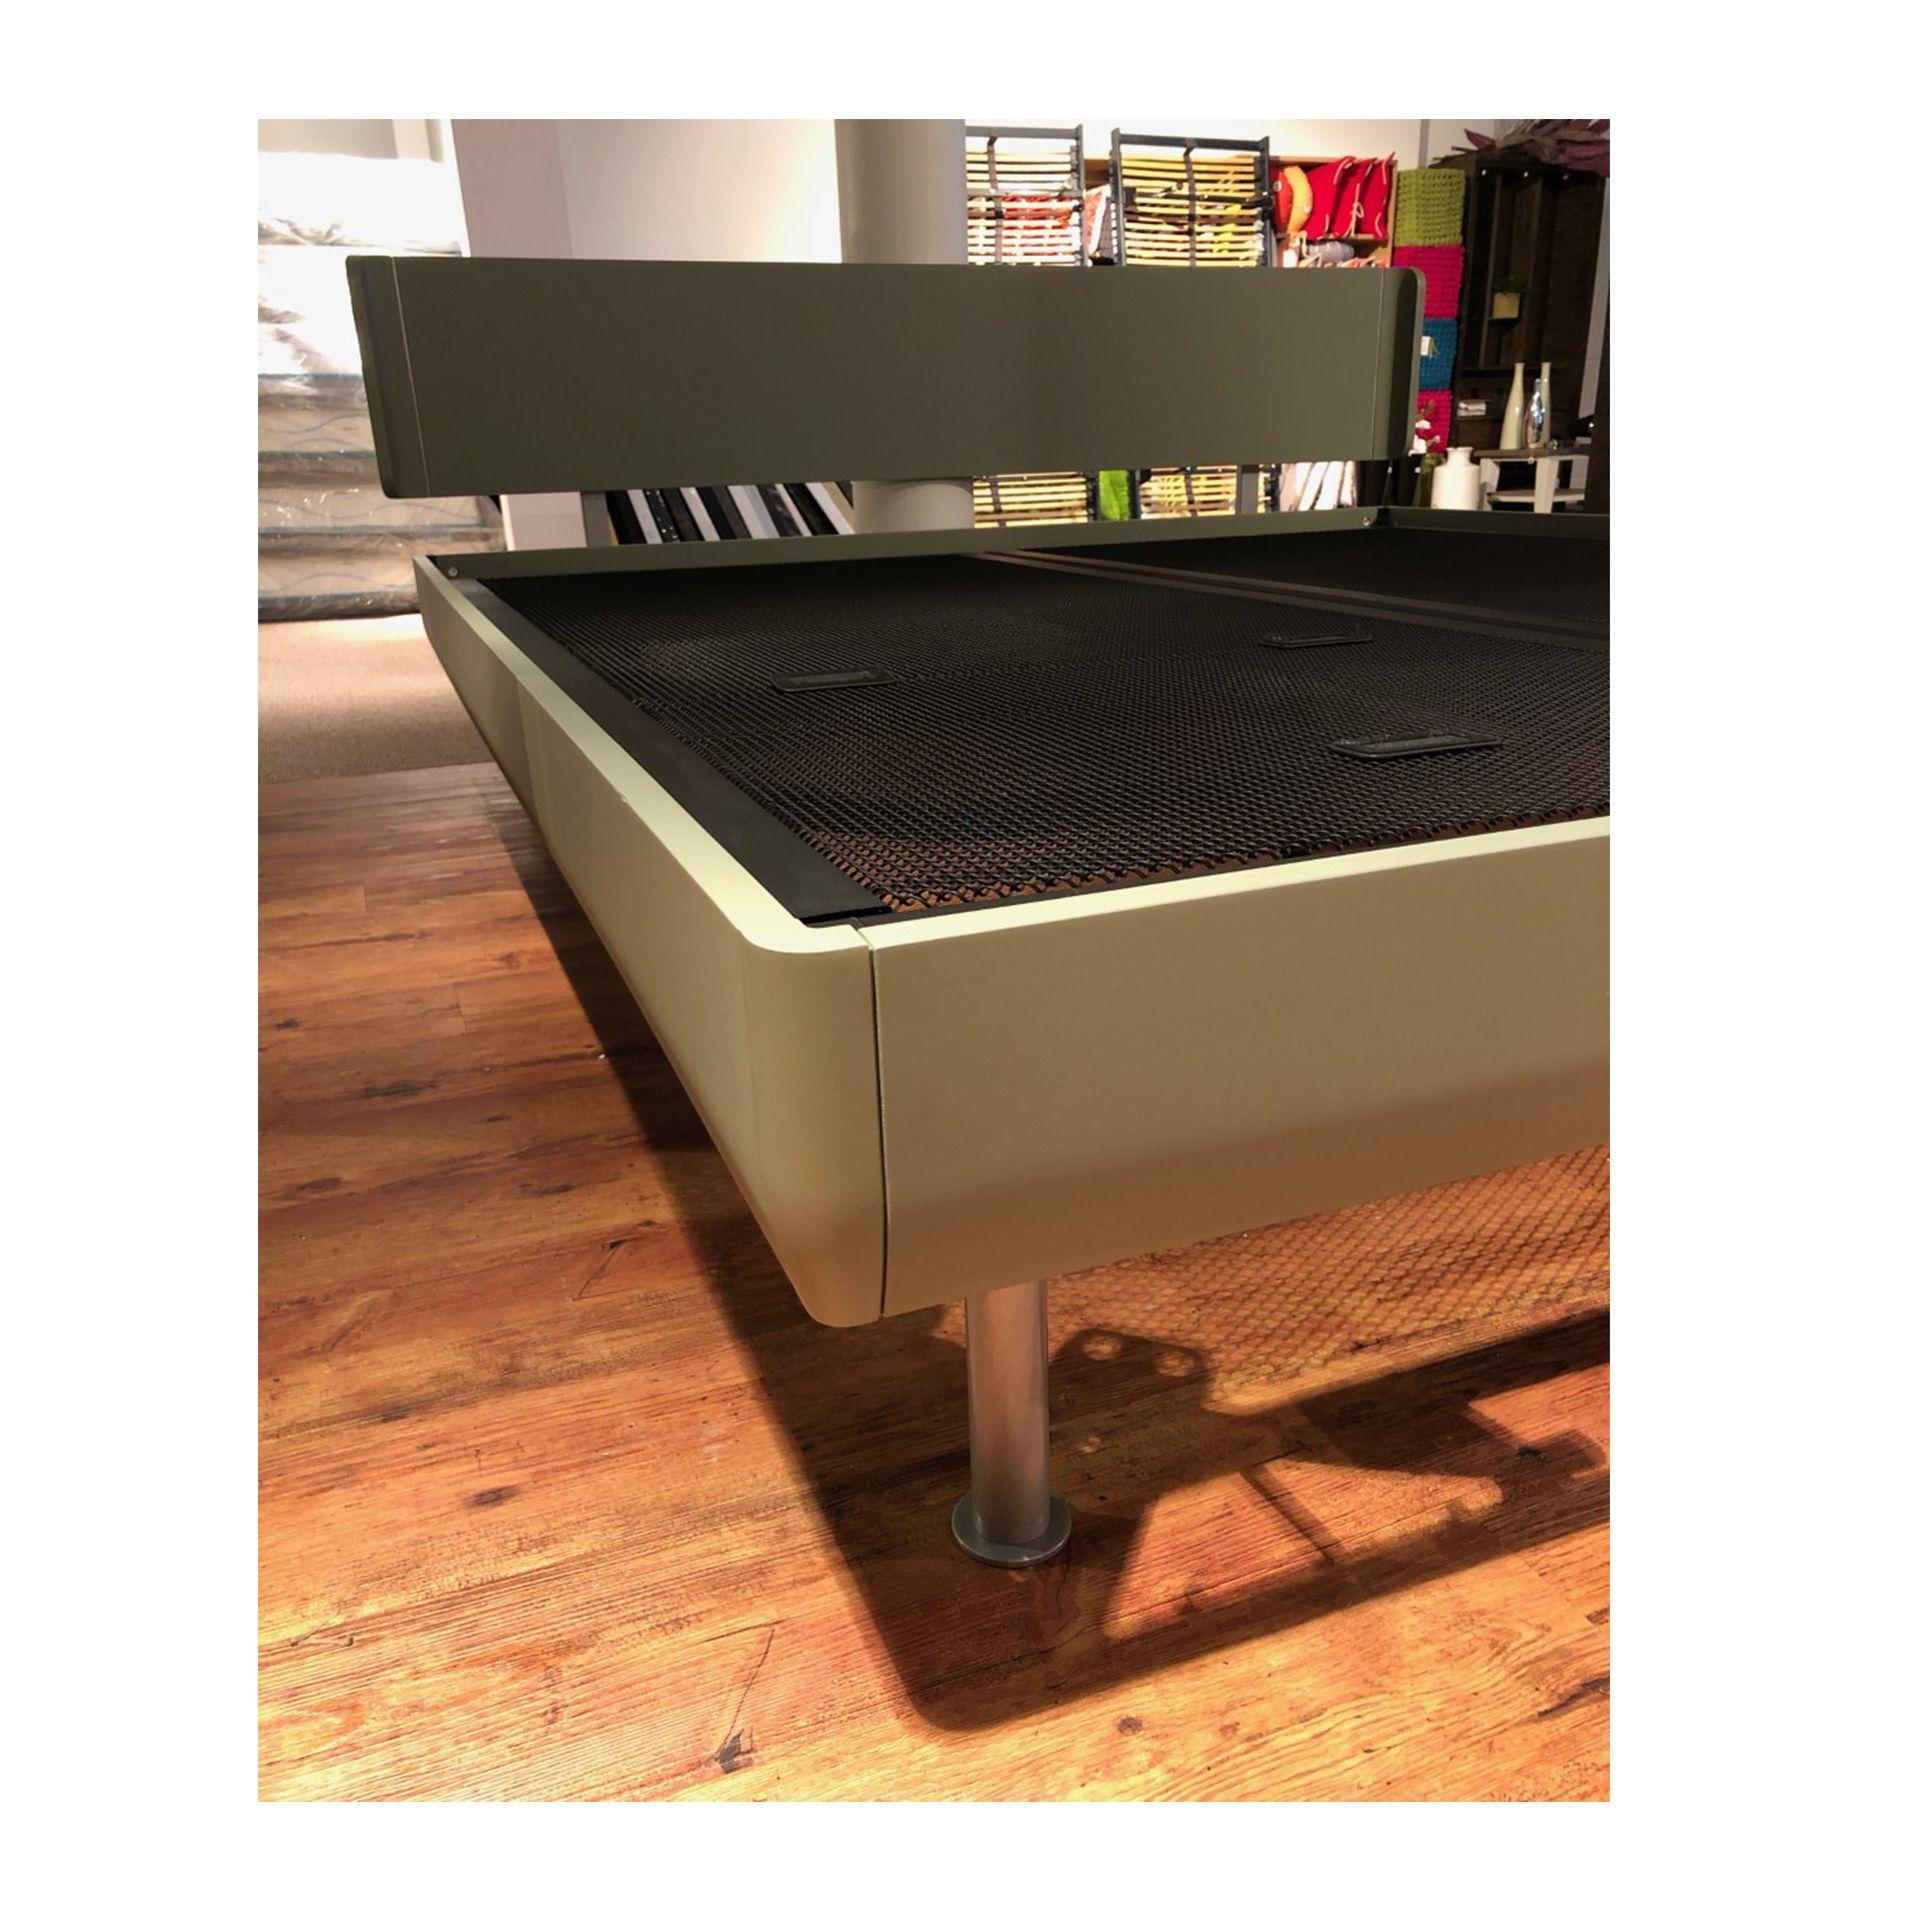 Auping Match Wood Ledikant - Showroommodel